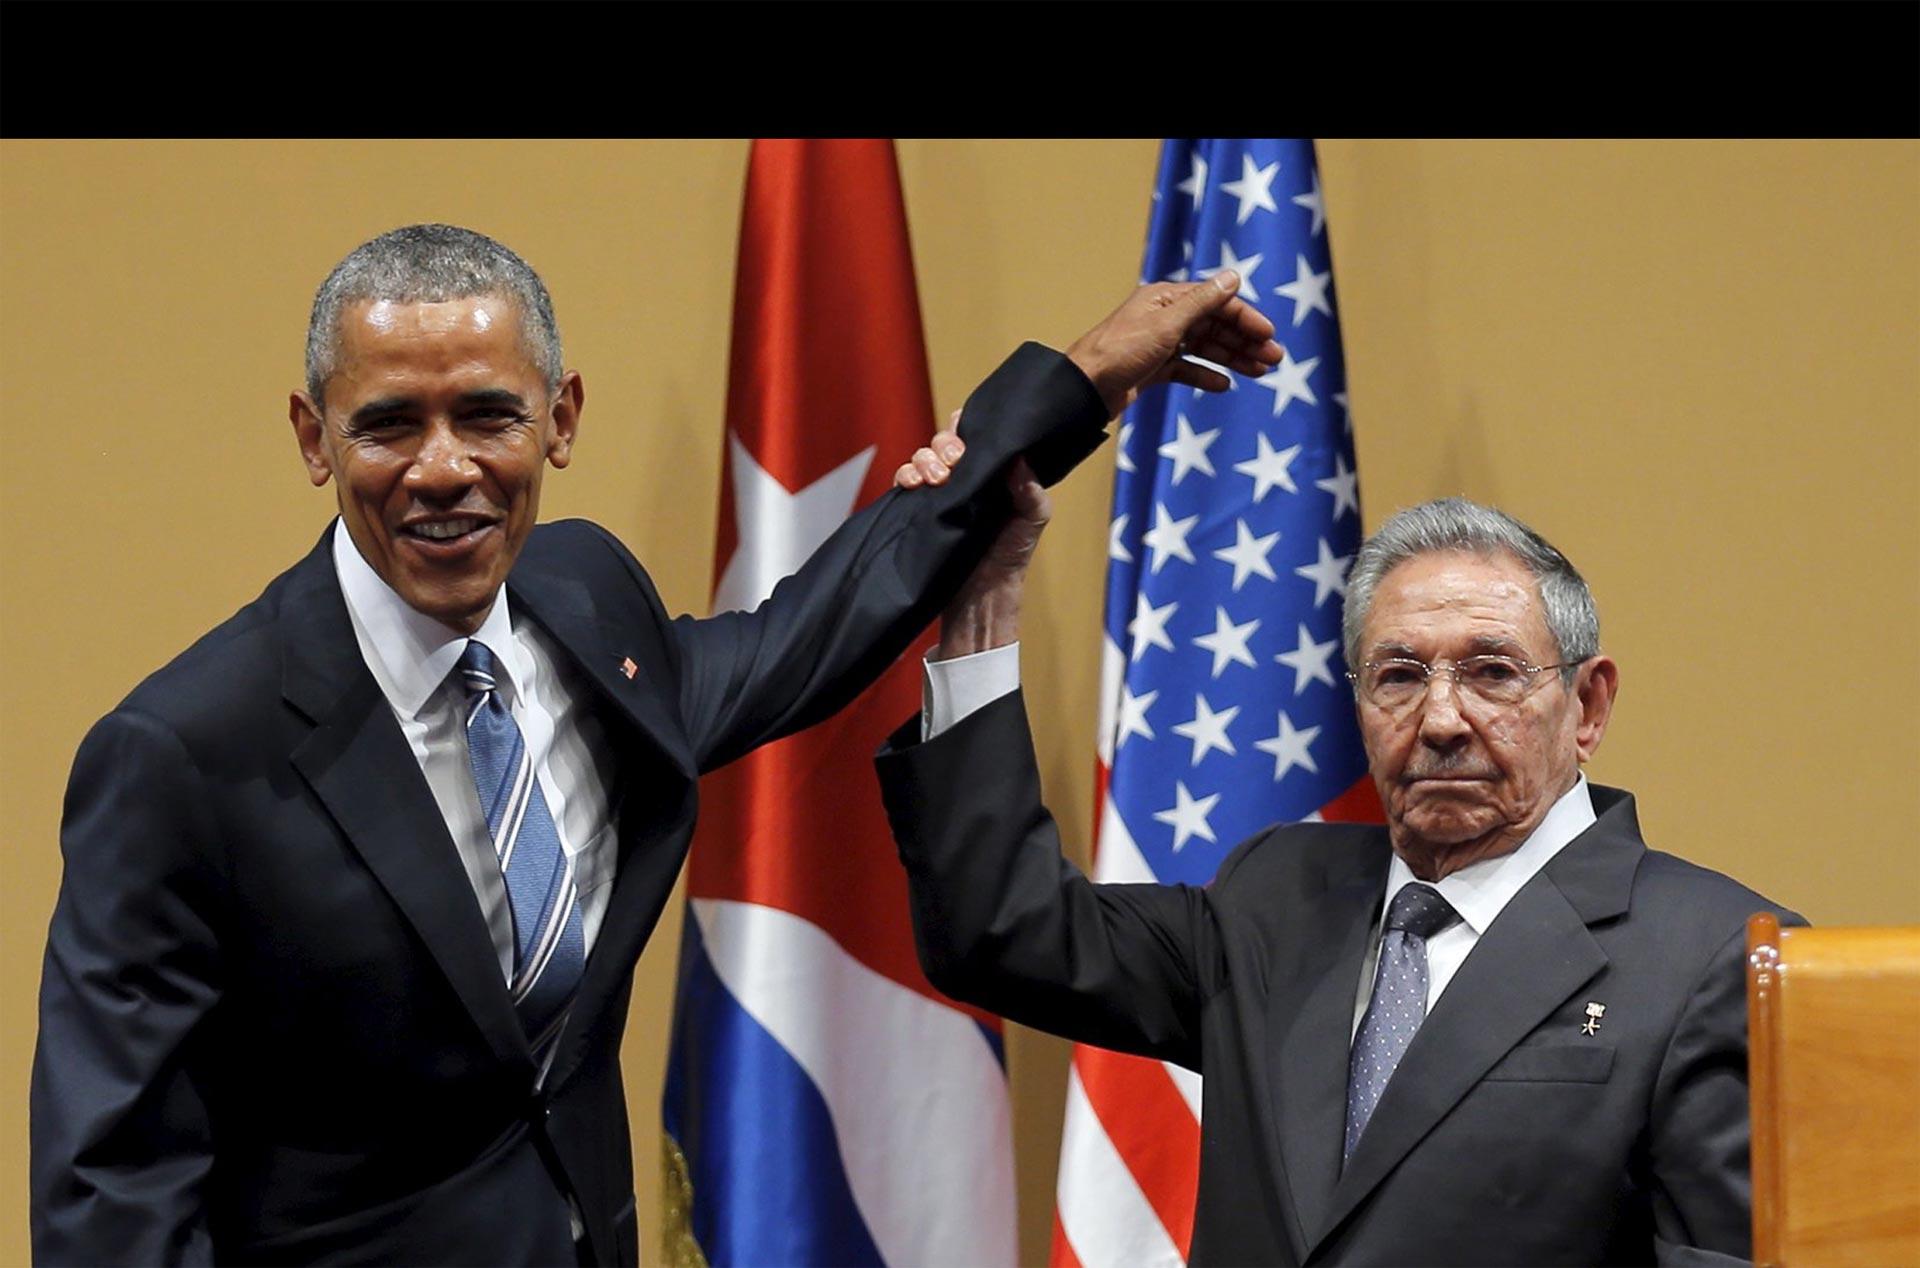 El presidente de EE.UU. aseguró que el encuentro marca un cambio en las relaciones entre ambos países